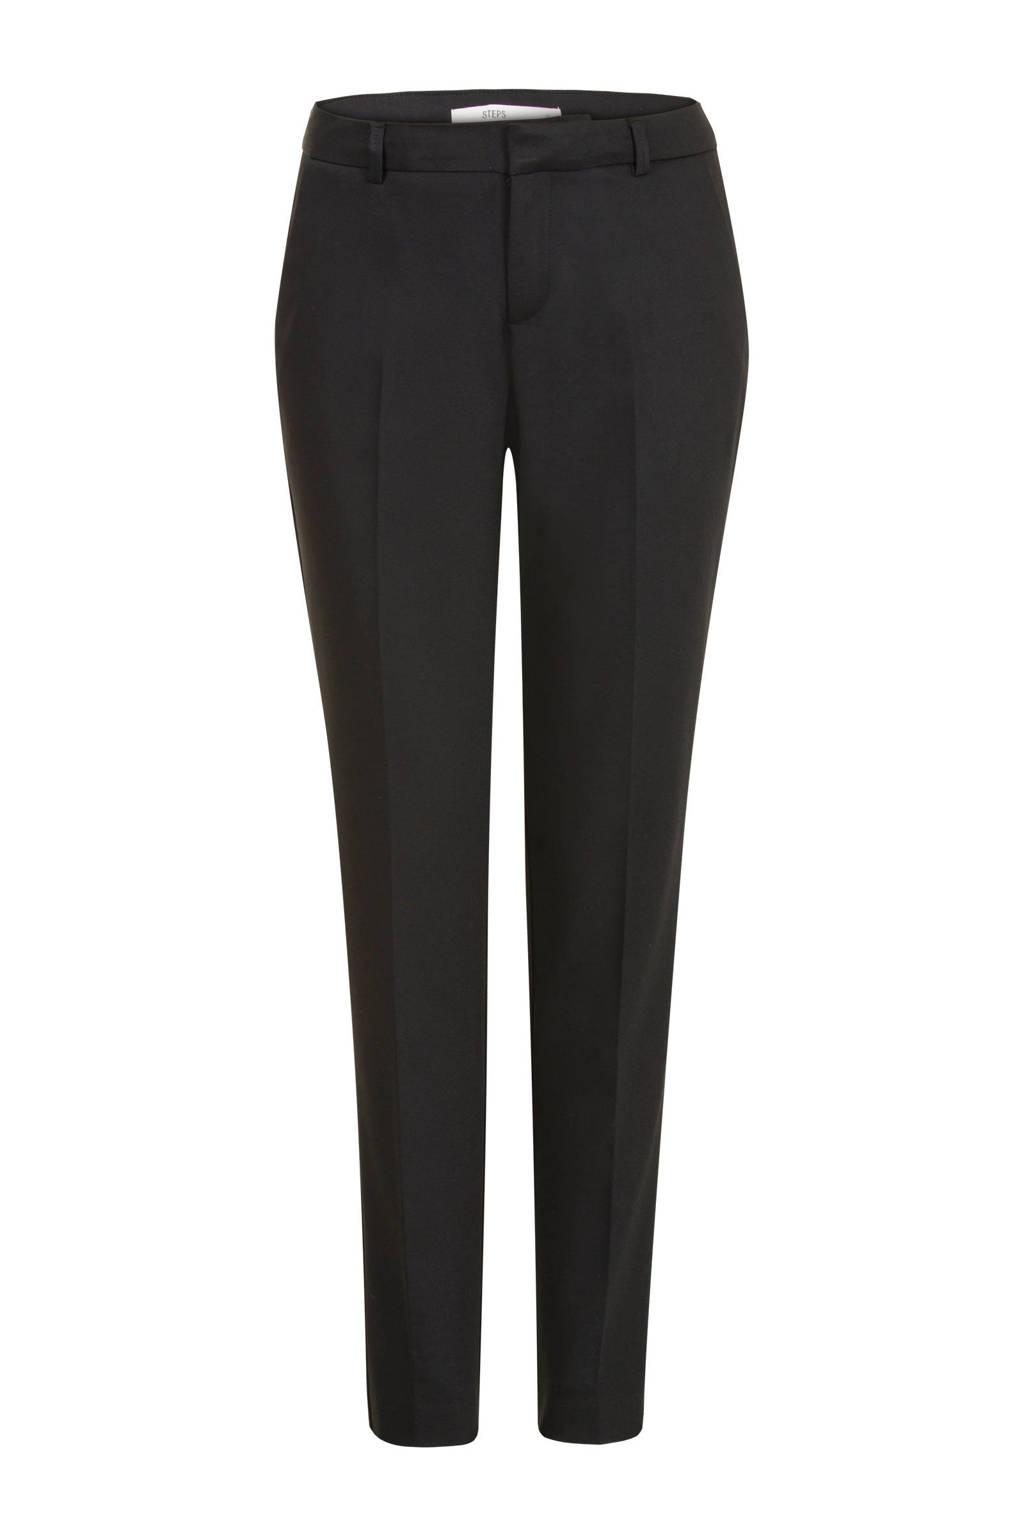 Steps high waist tapered fit pantalon zwart, Zwart